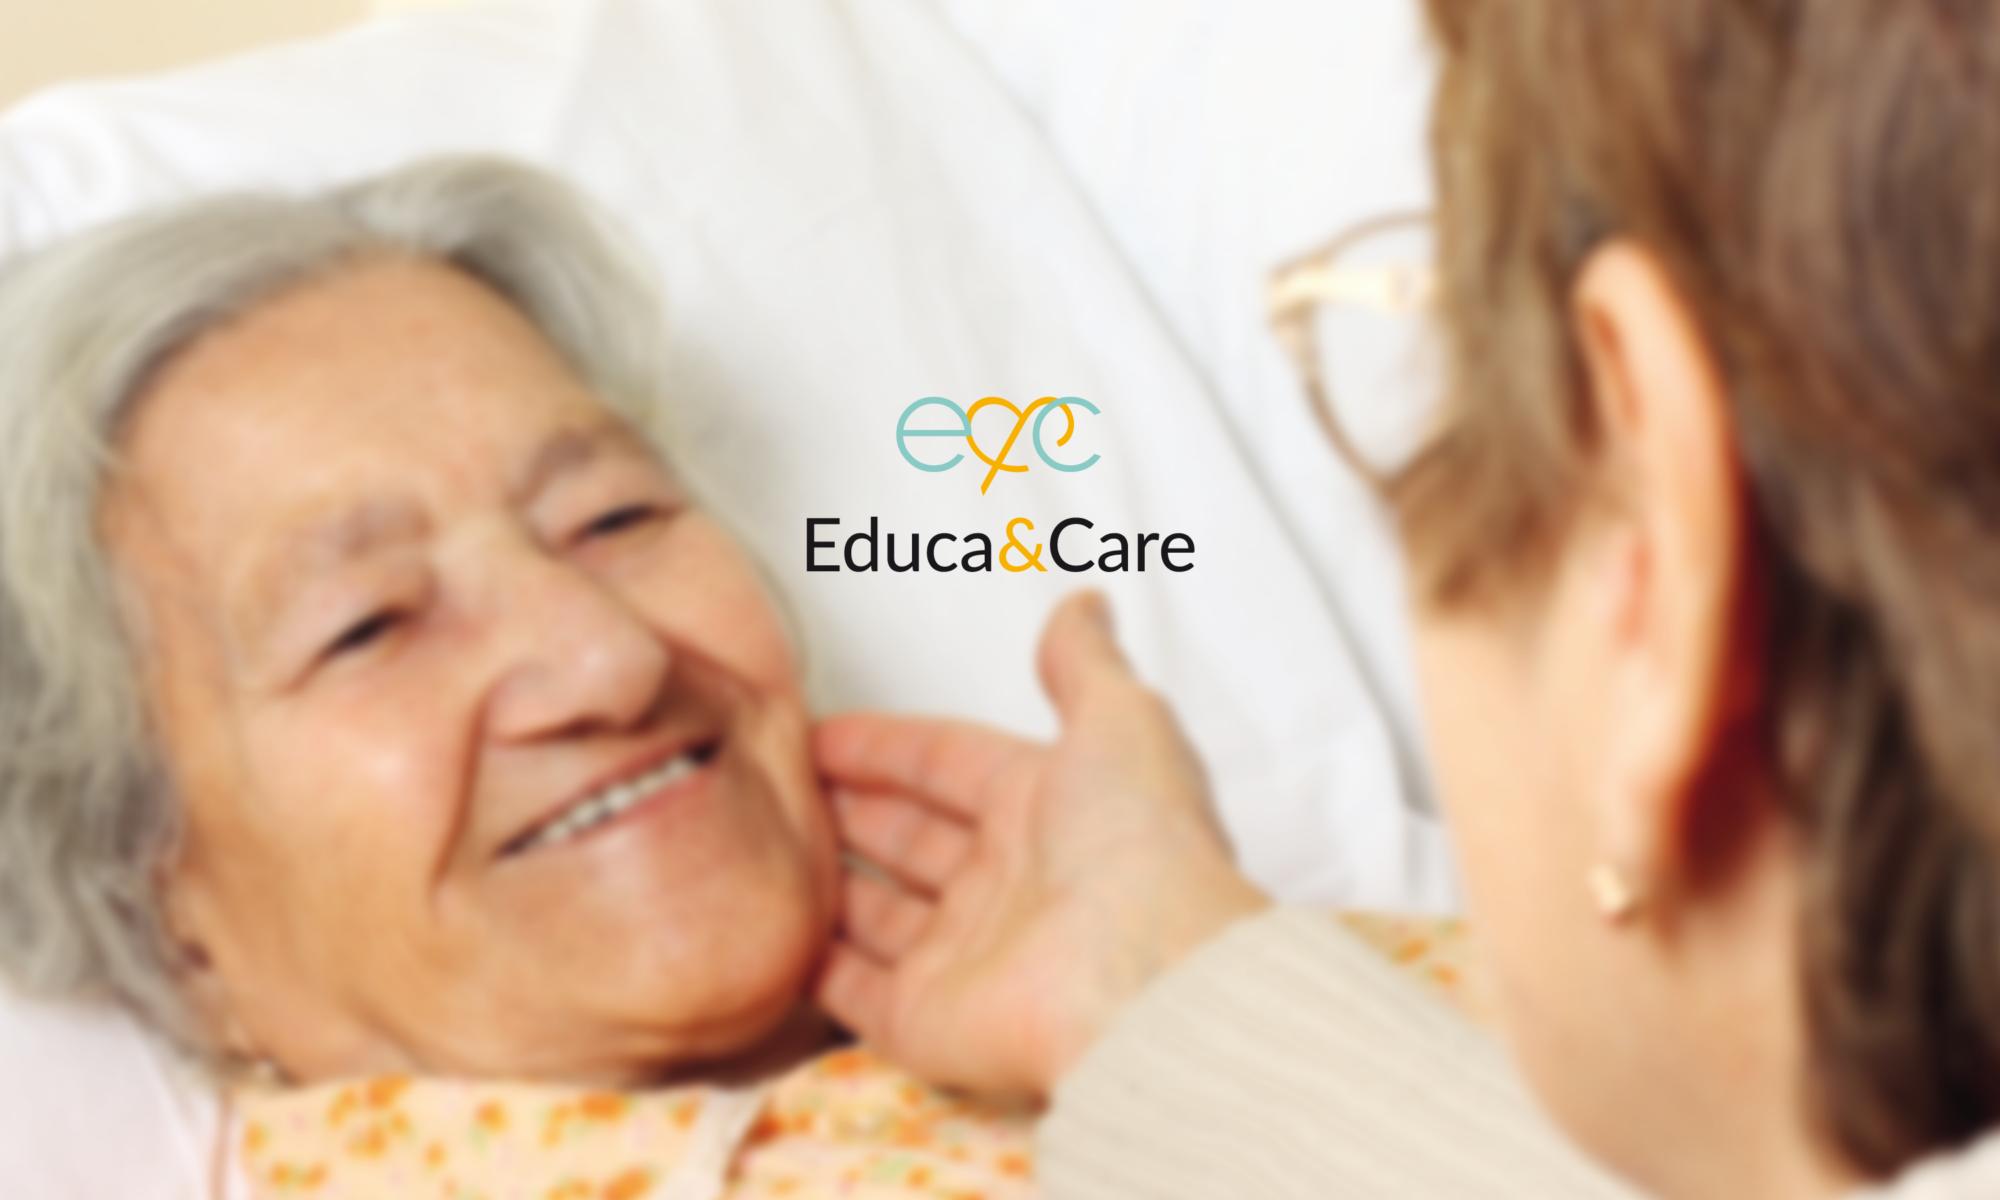 Educa&Care